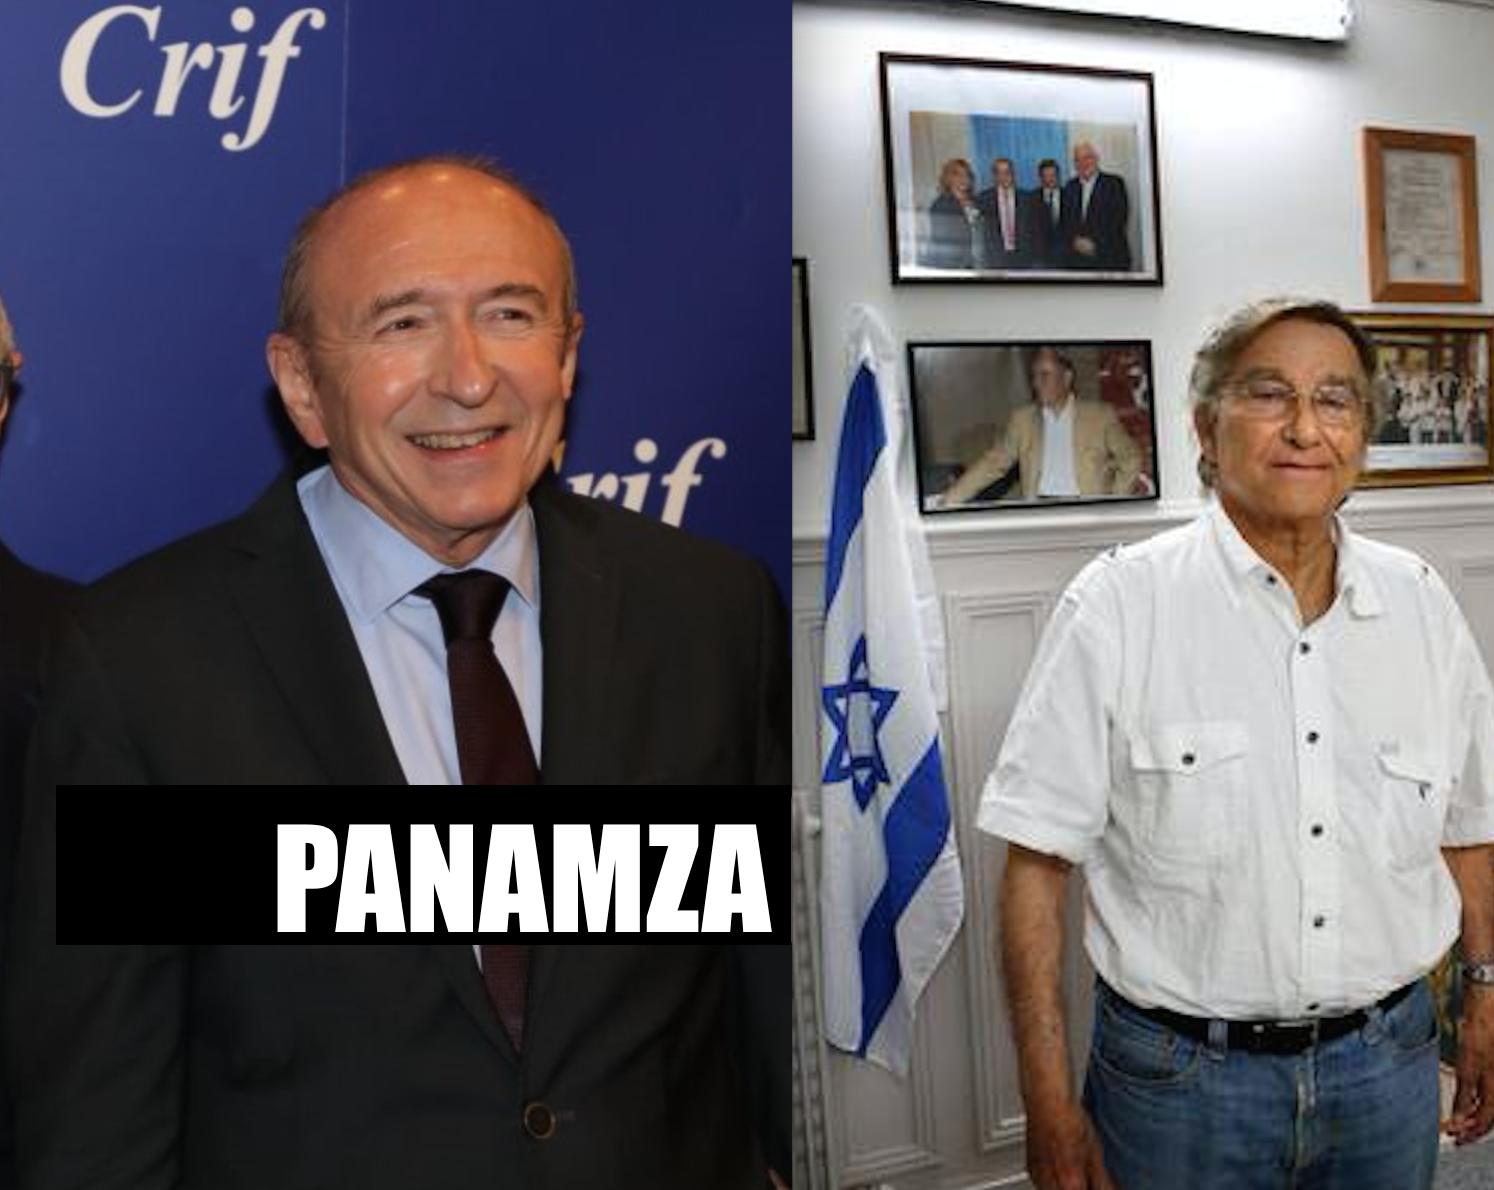 Cambriolage «antisémite» : la victime présumée est un vieil ami du ministre de l'Intérieur